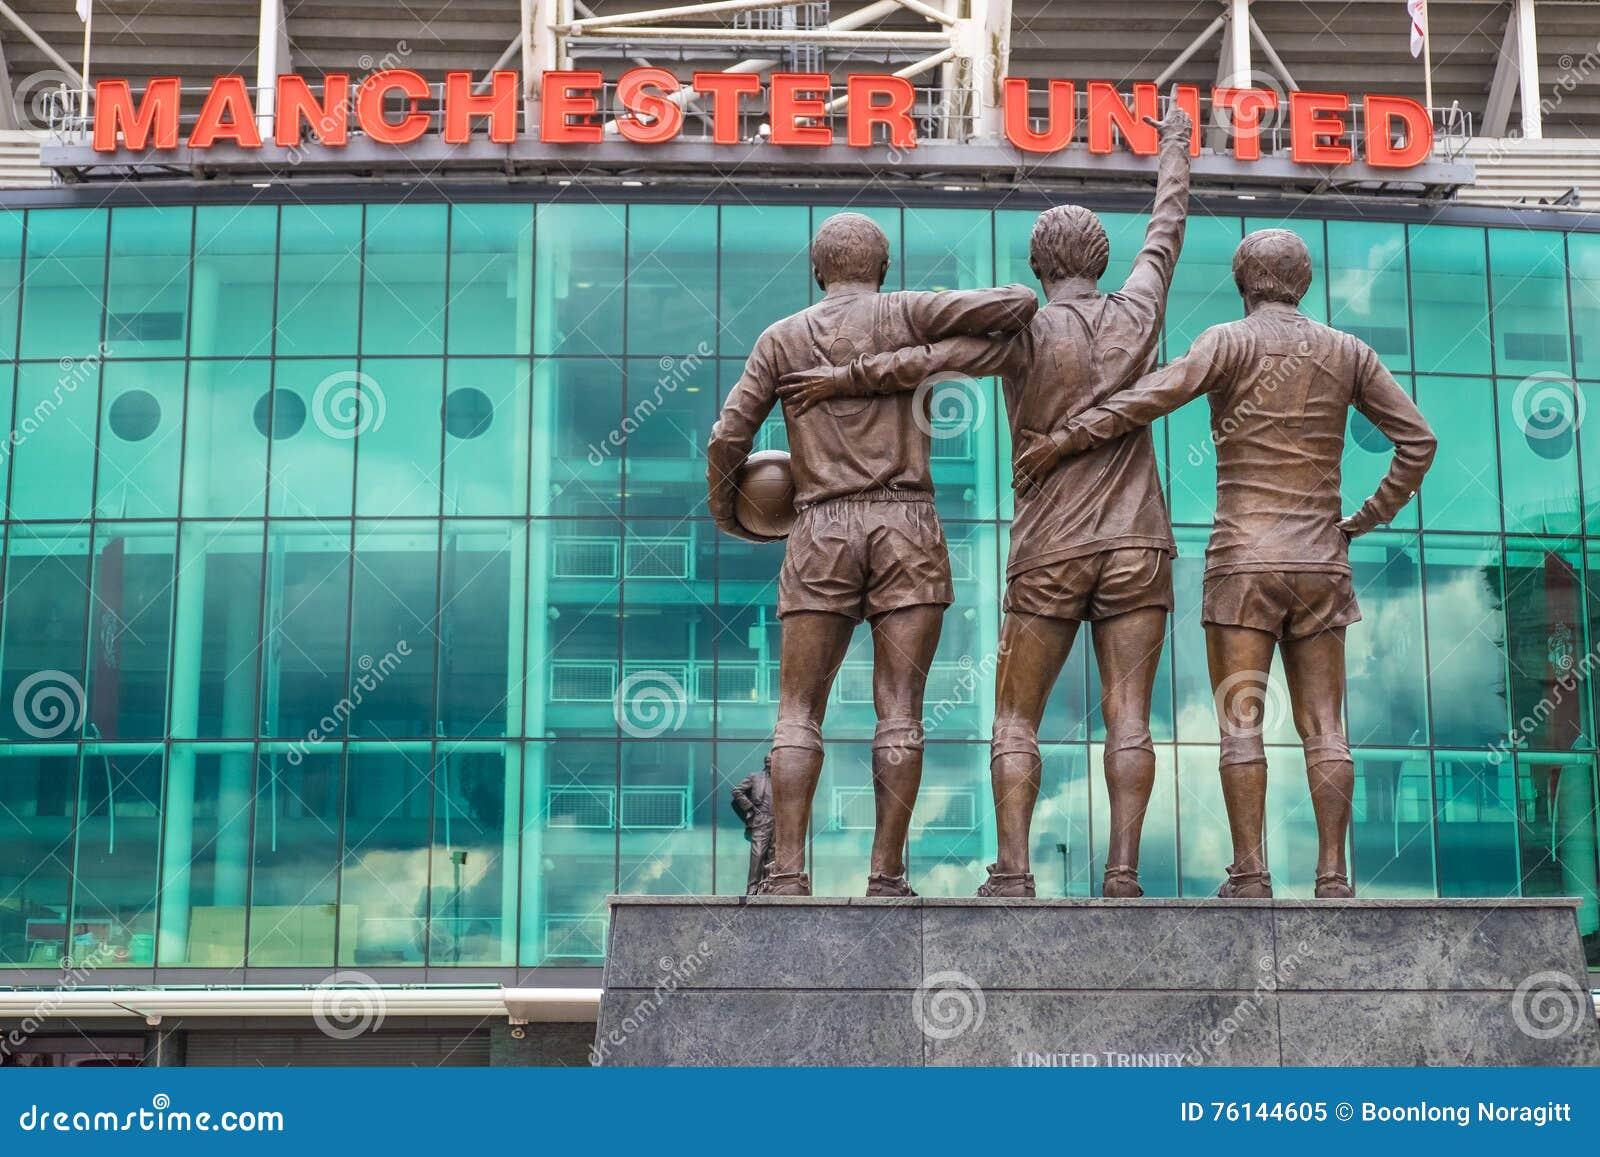 Trafford velho, Manchester United